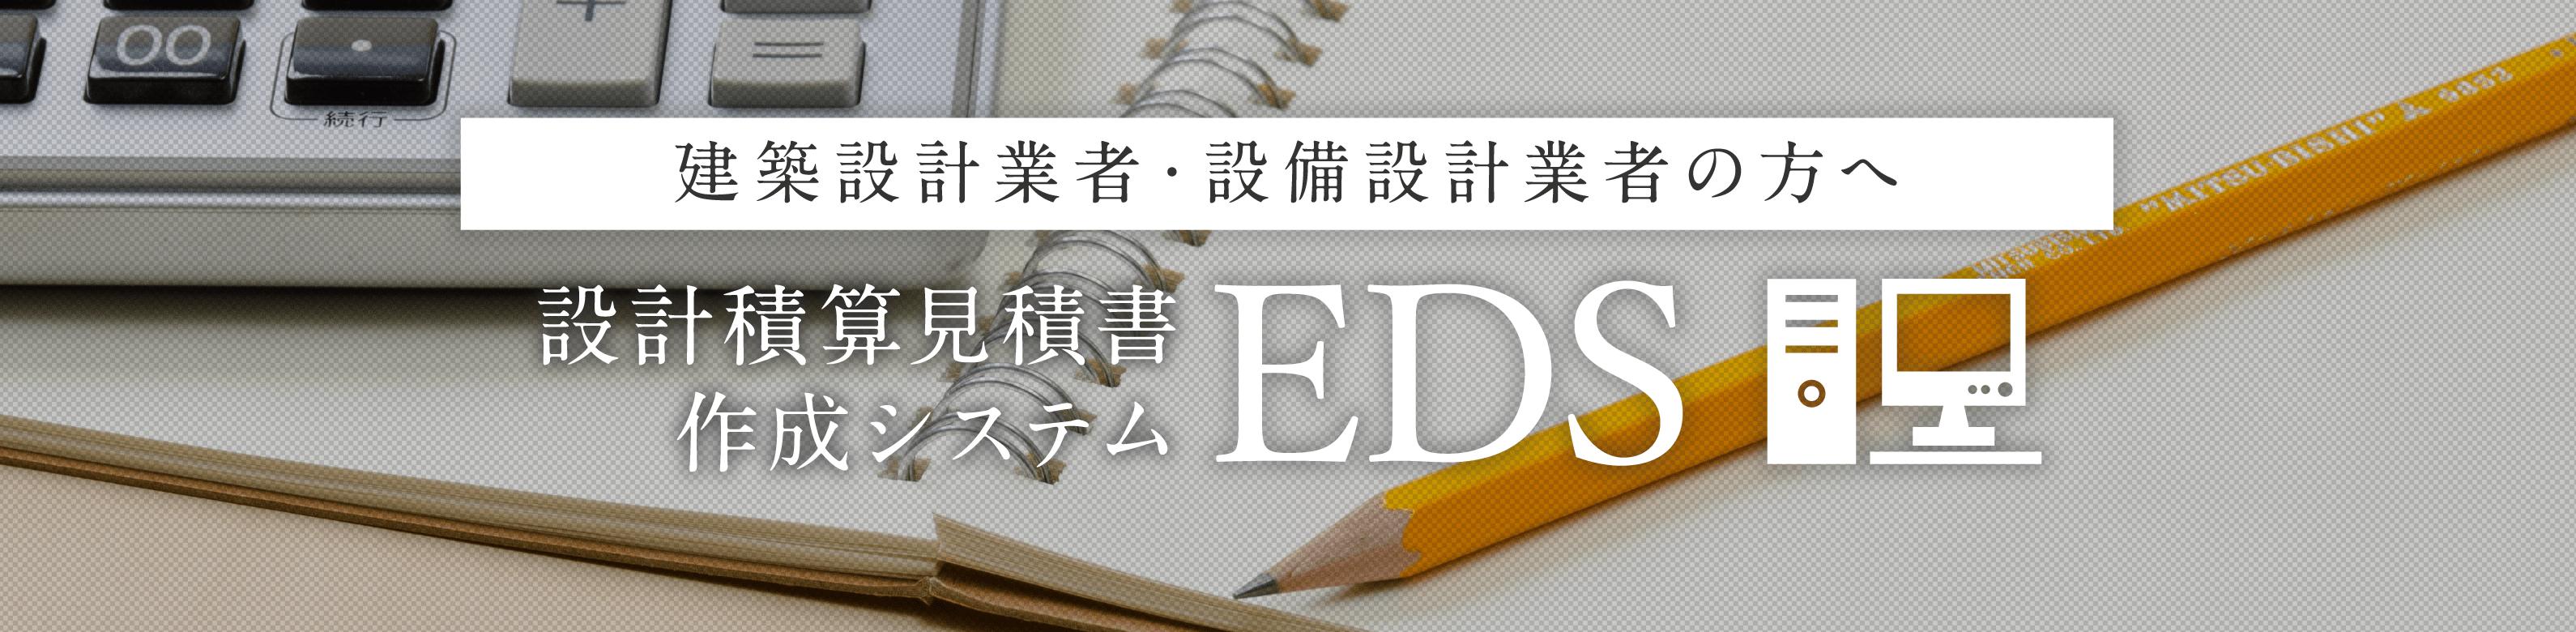 建築設計業者・設備設計業者の方へ 設計積算見積書作成システム EDS